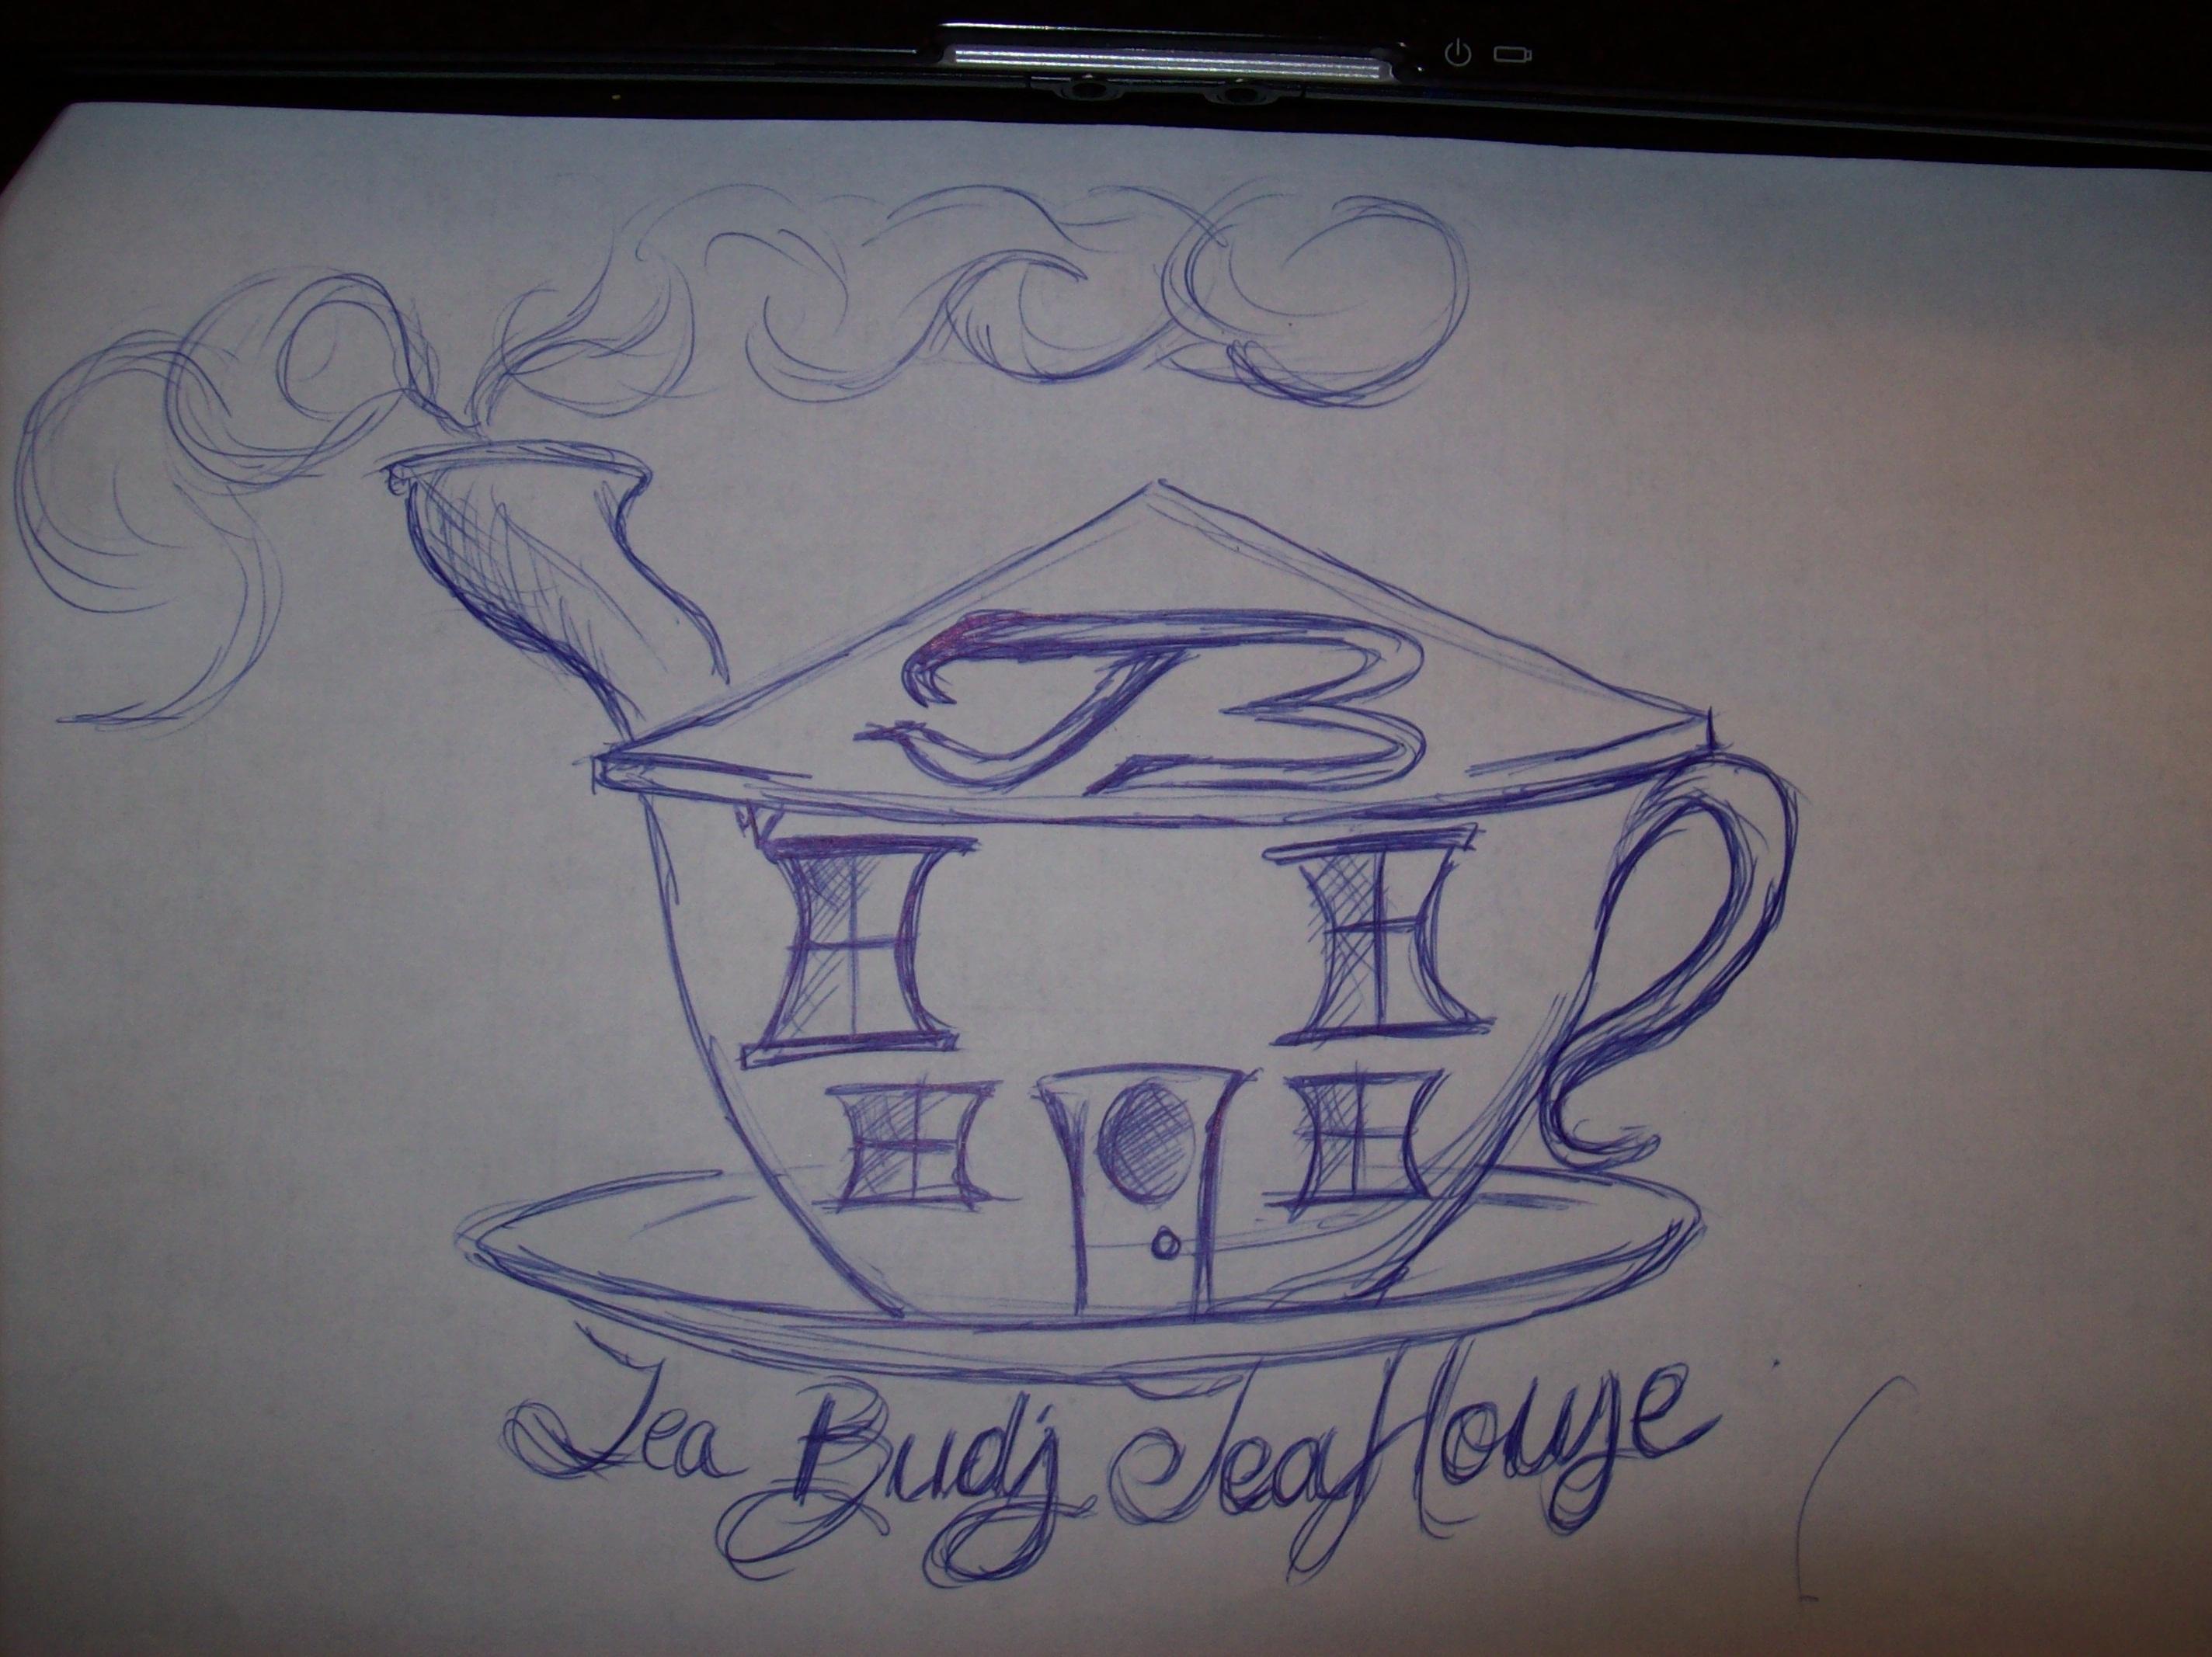 Tea Buds Teahouse illustration